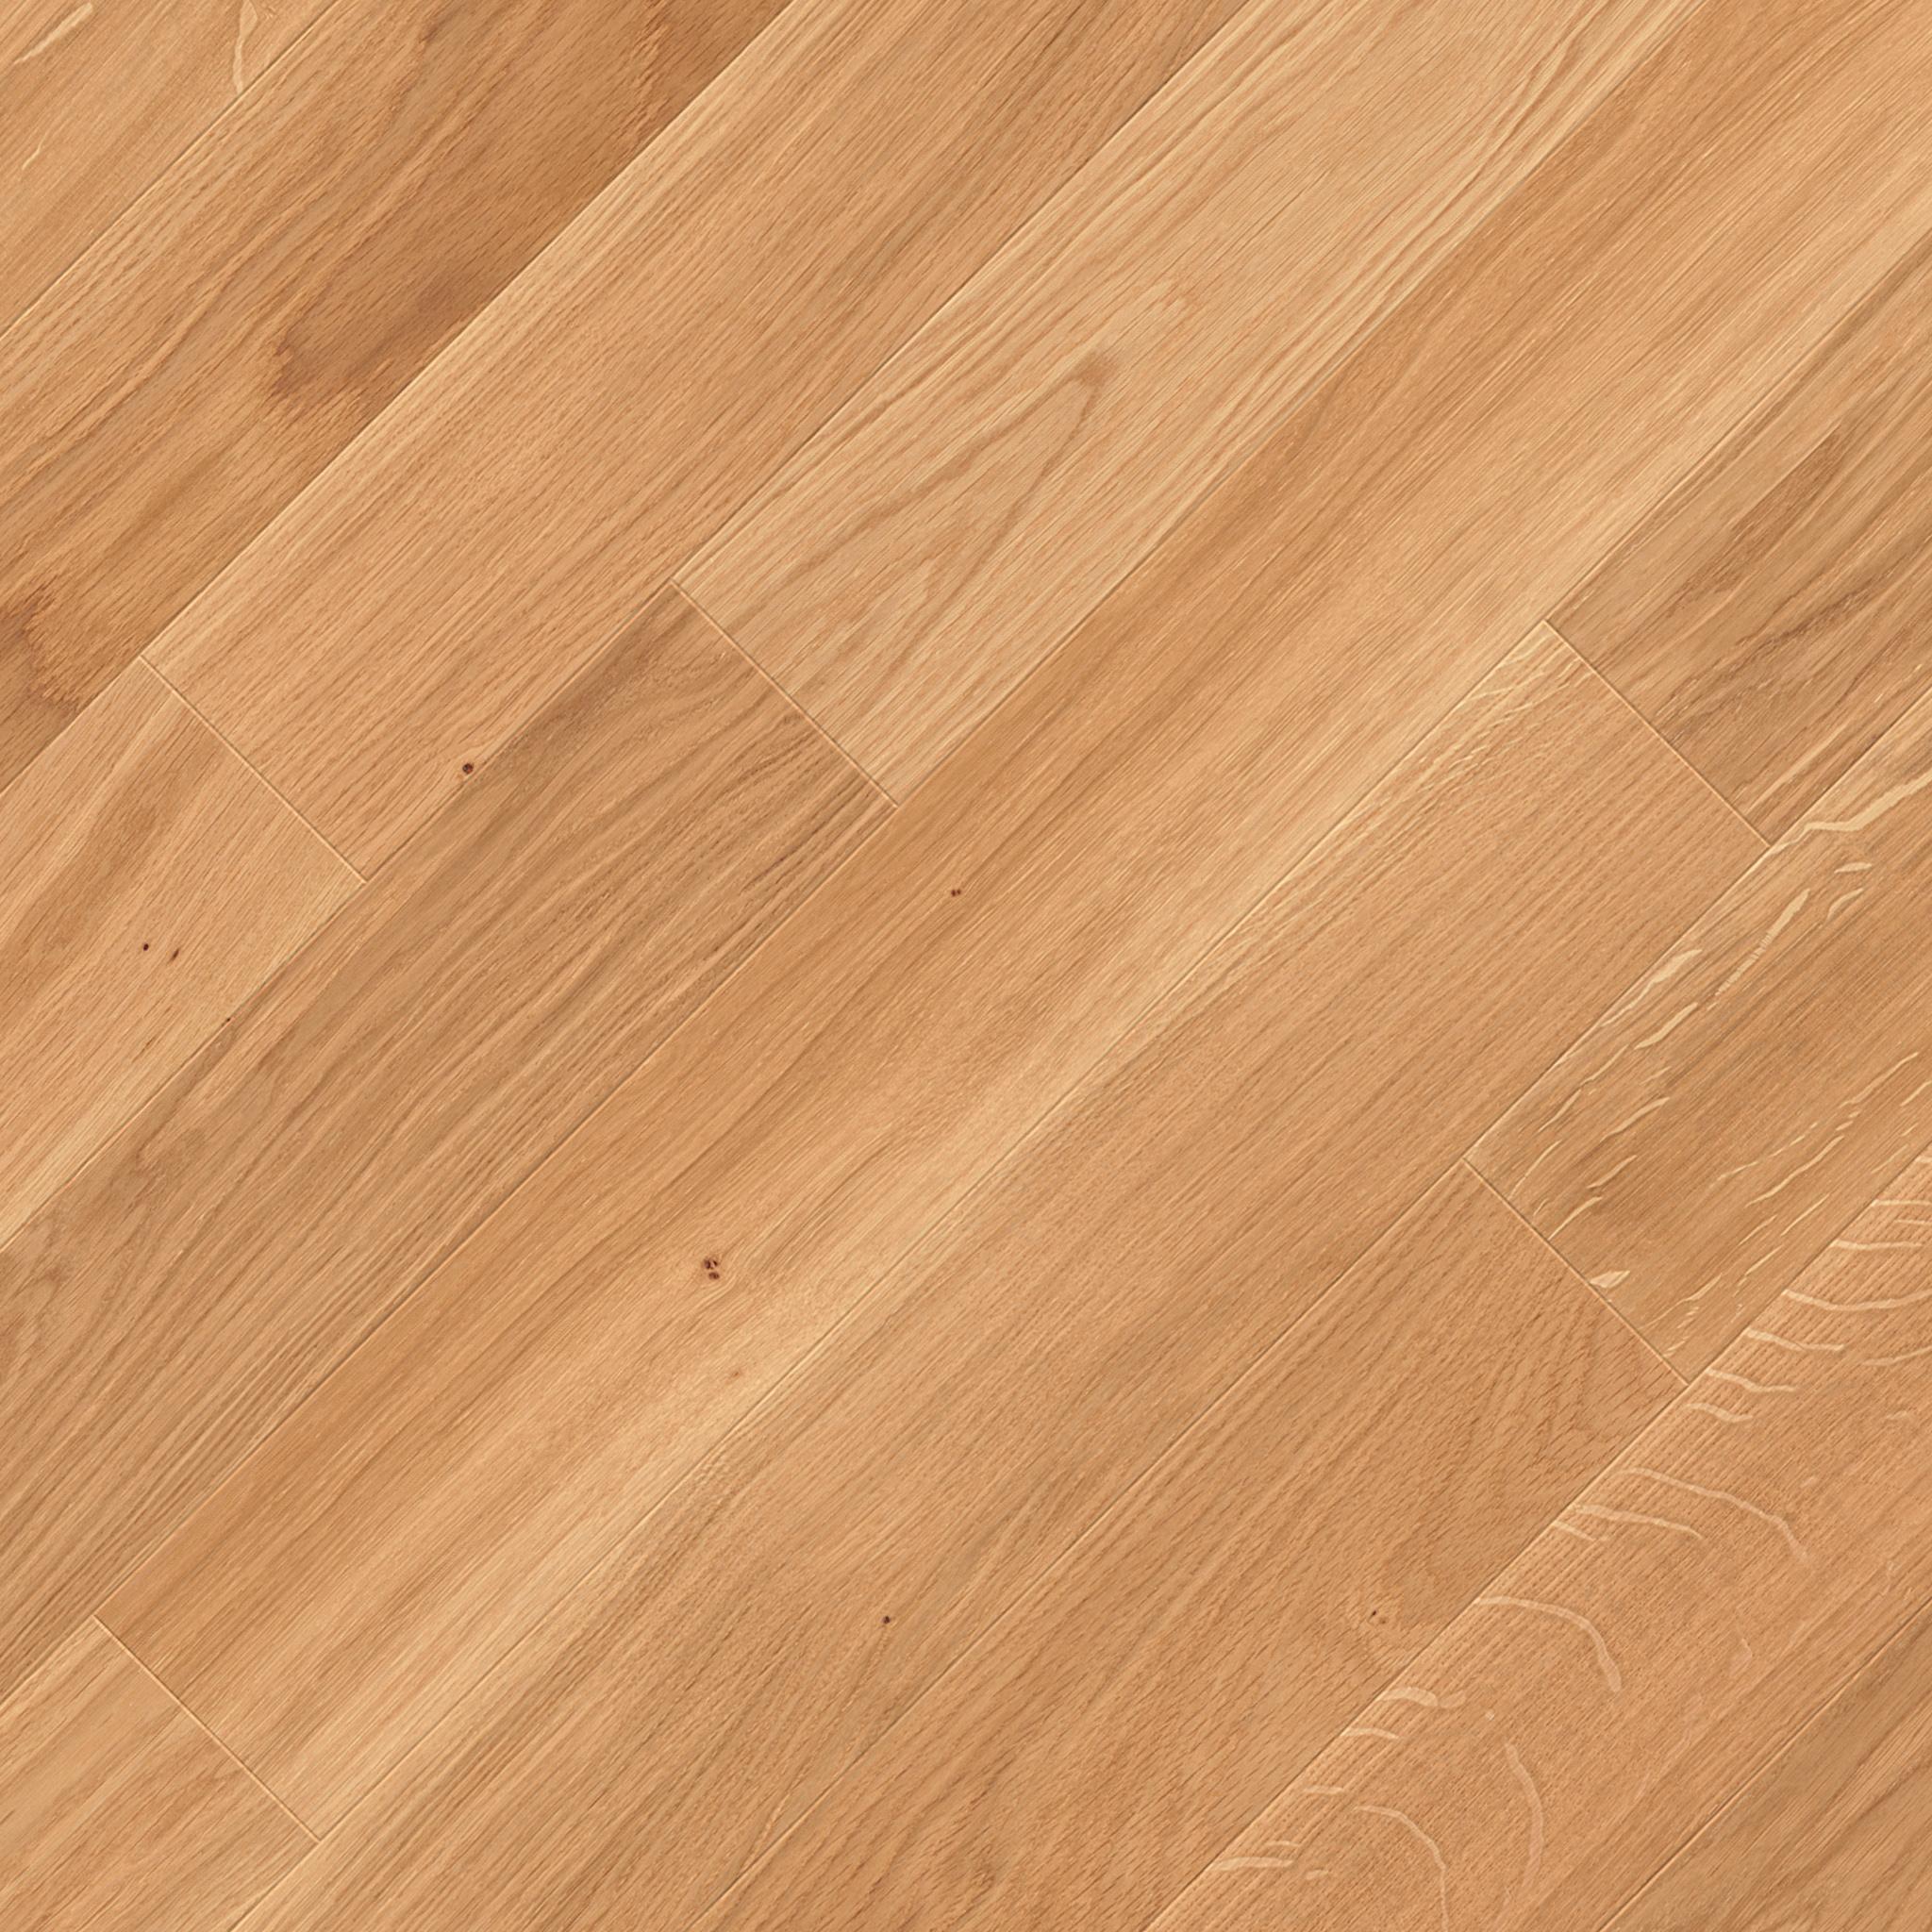 Floor-Art Da Vinci Eiche hell Natur